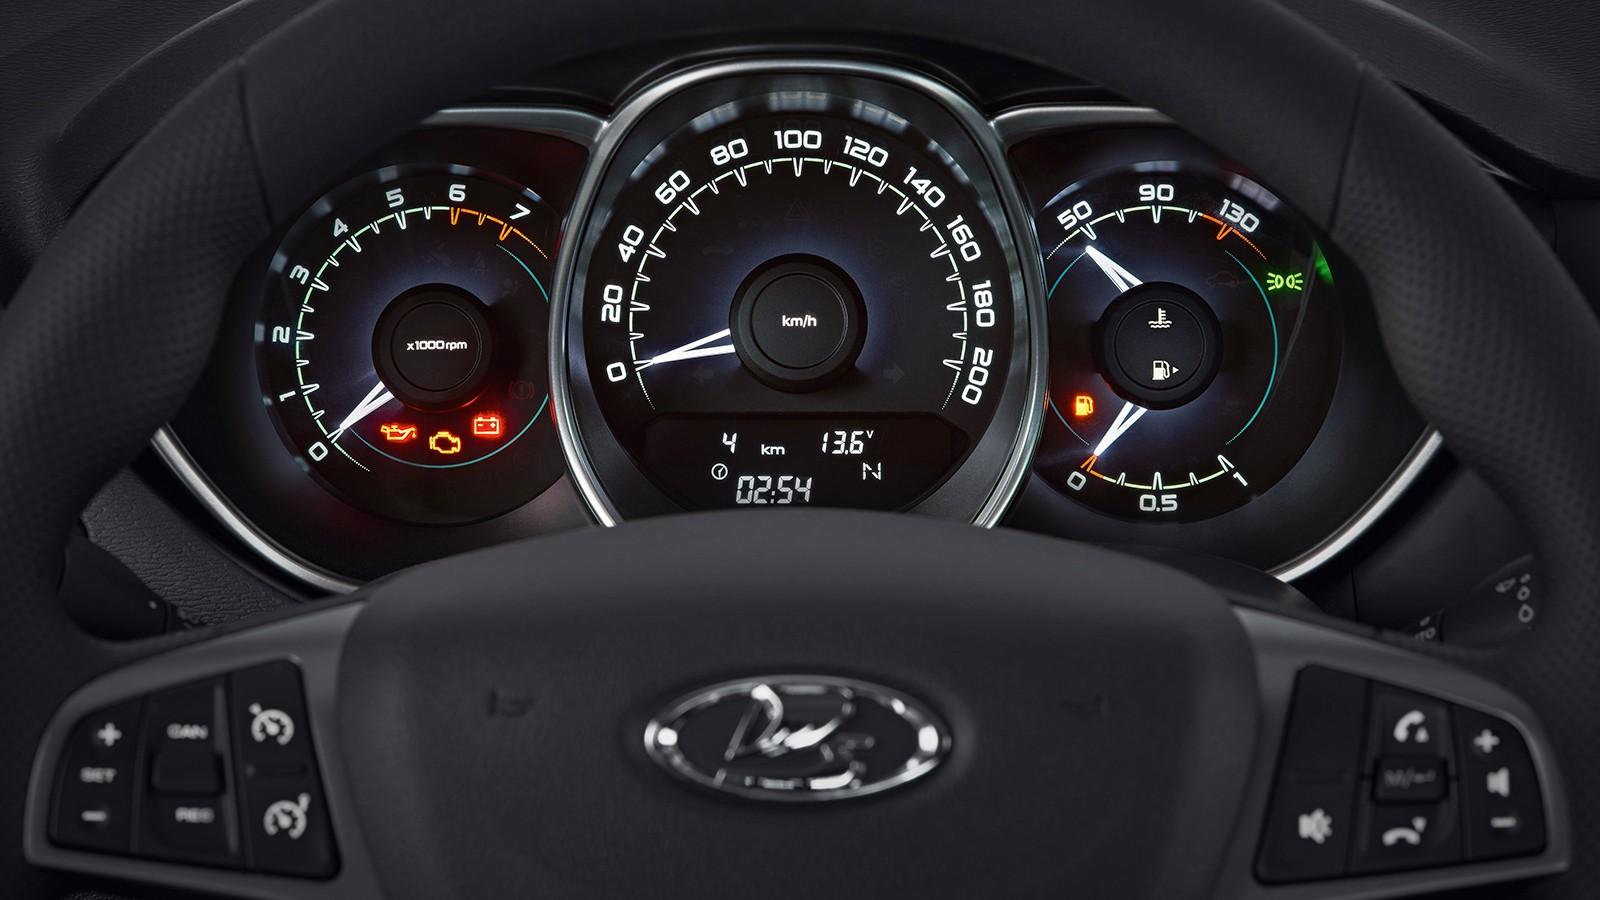 На фото: панель приборов российского варианта Lada Vesta